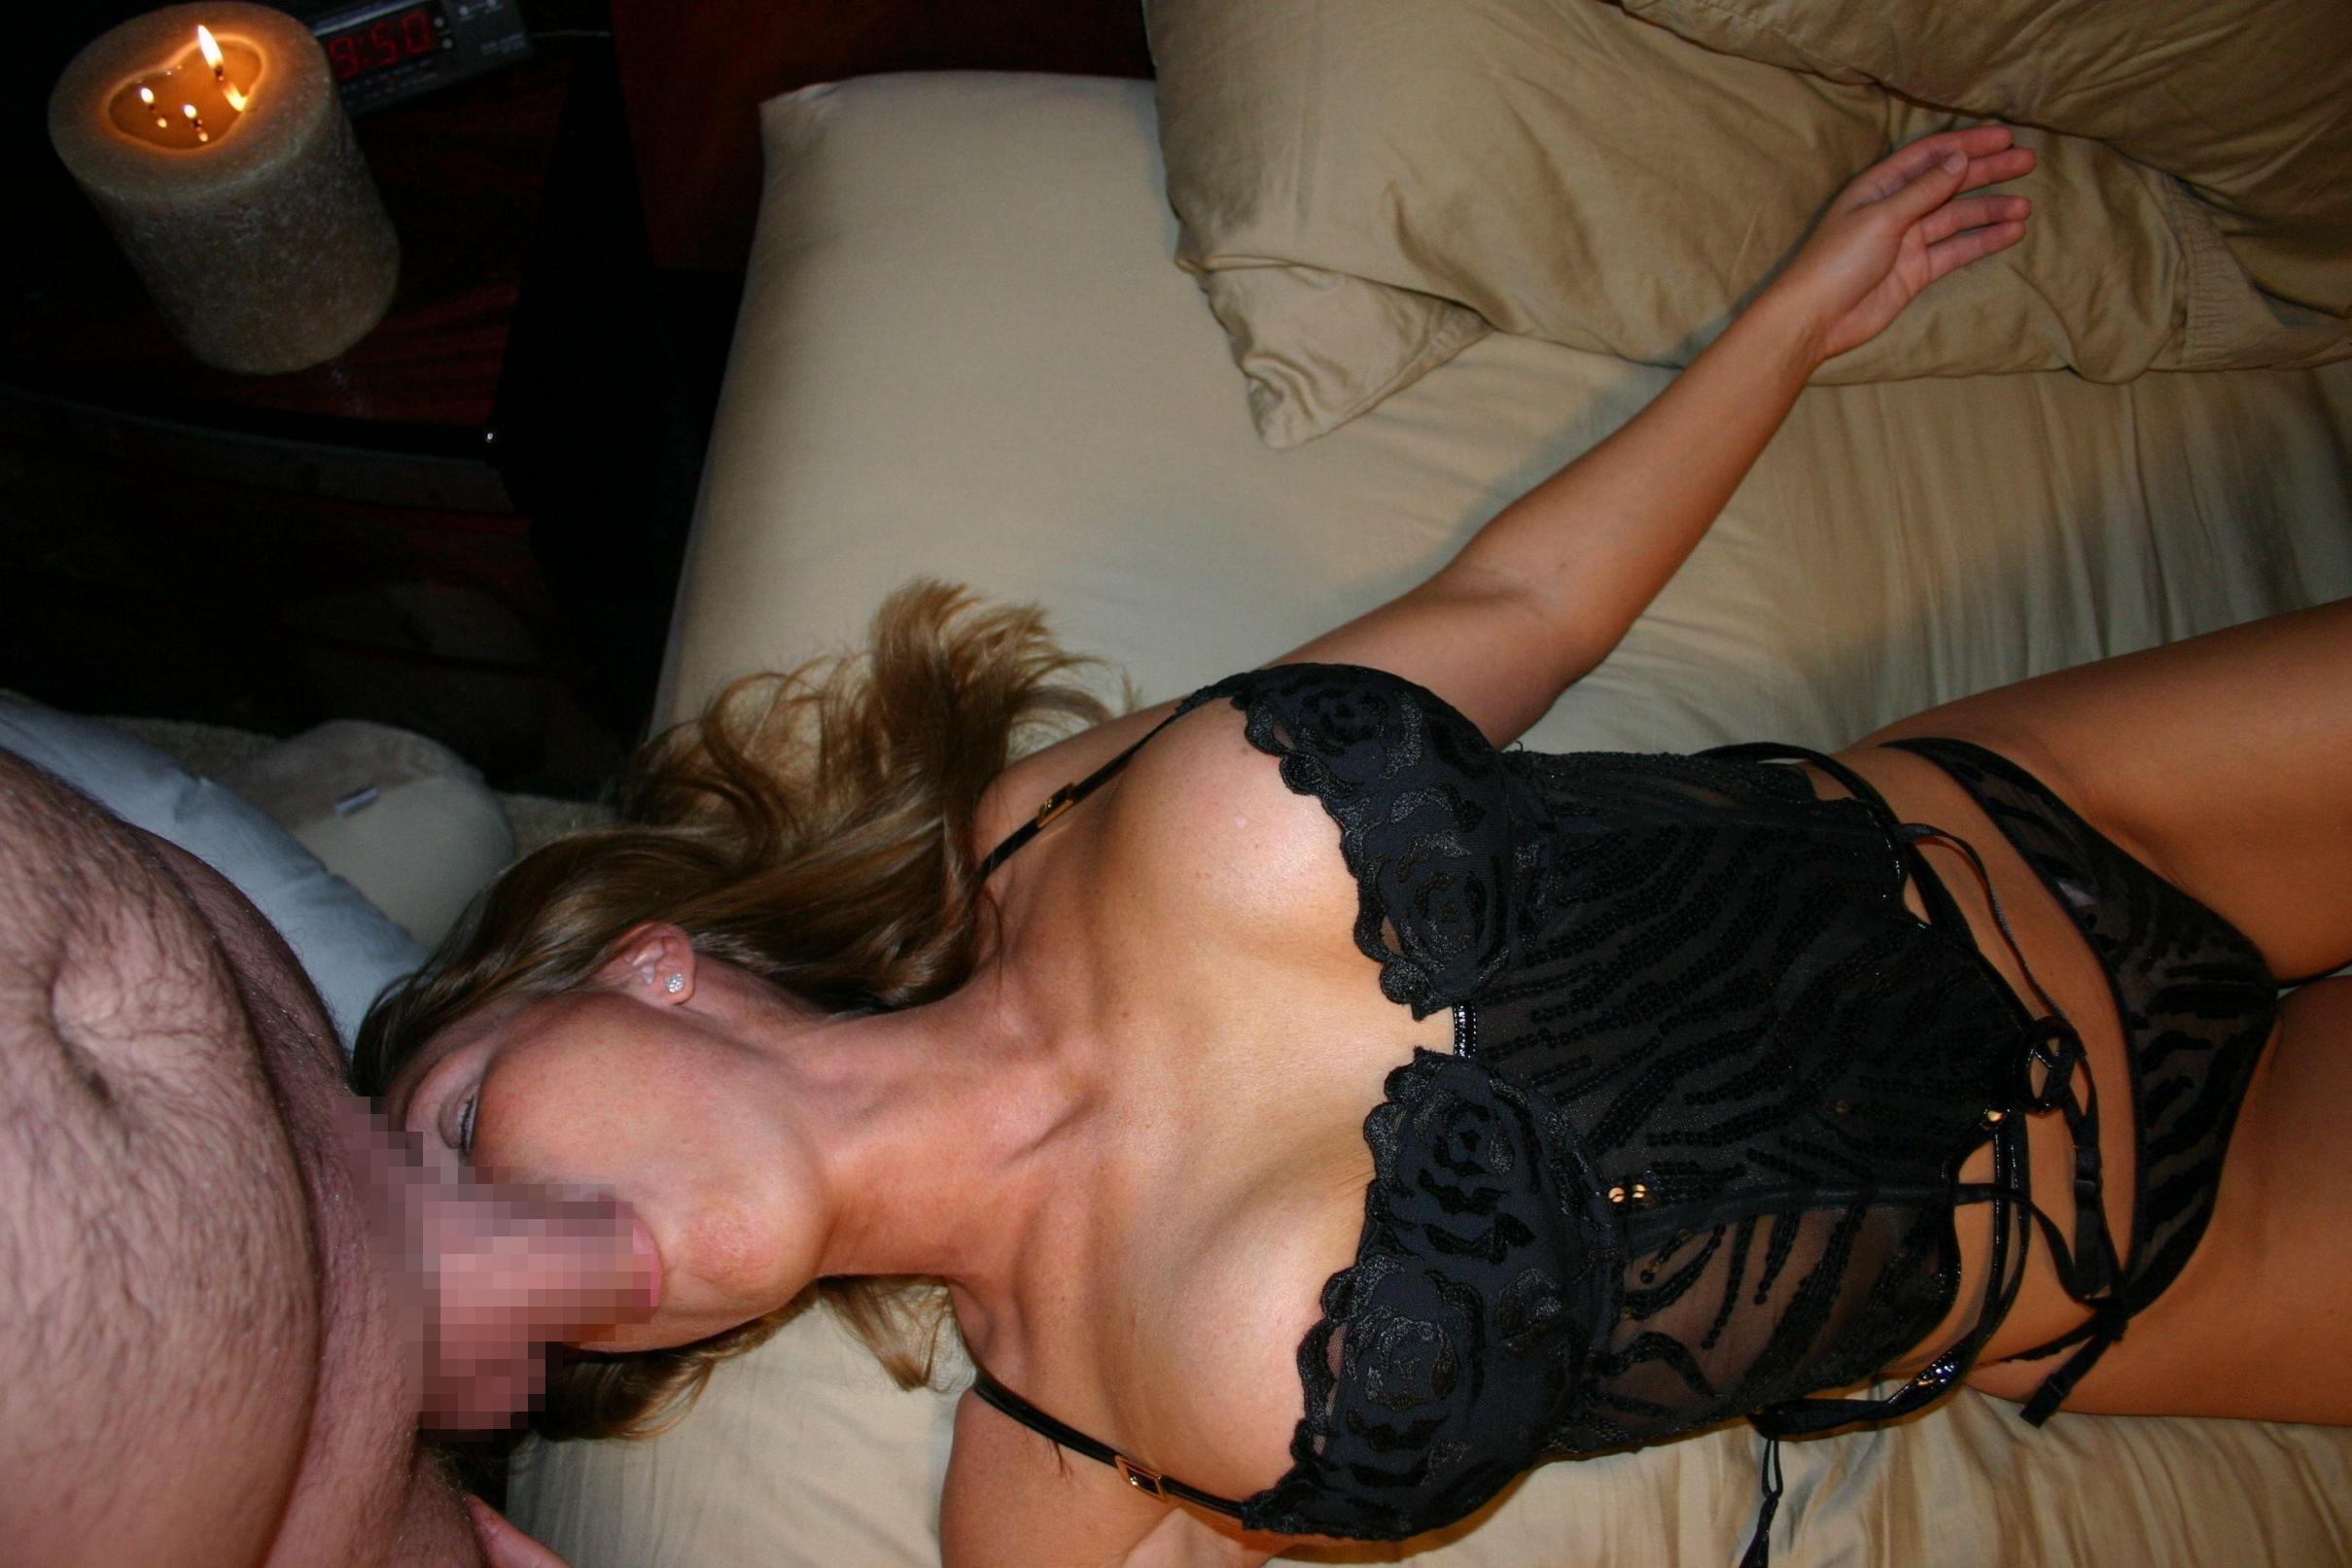 寝てる女の口元にチンコ差し出してみた結果wwwwwwww無意識にパクついててワロタwwwwww(画像あり)・6枚目